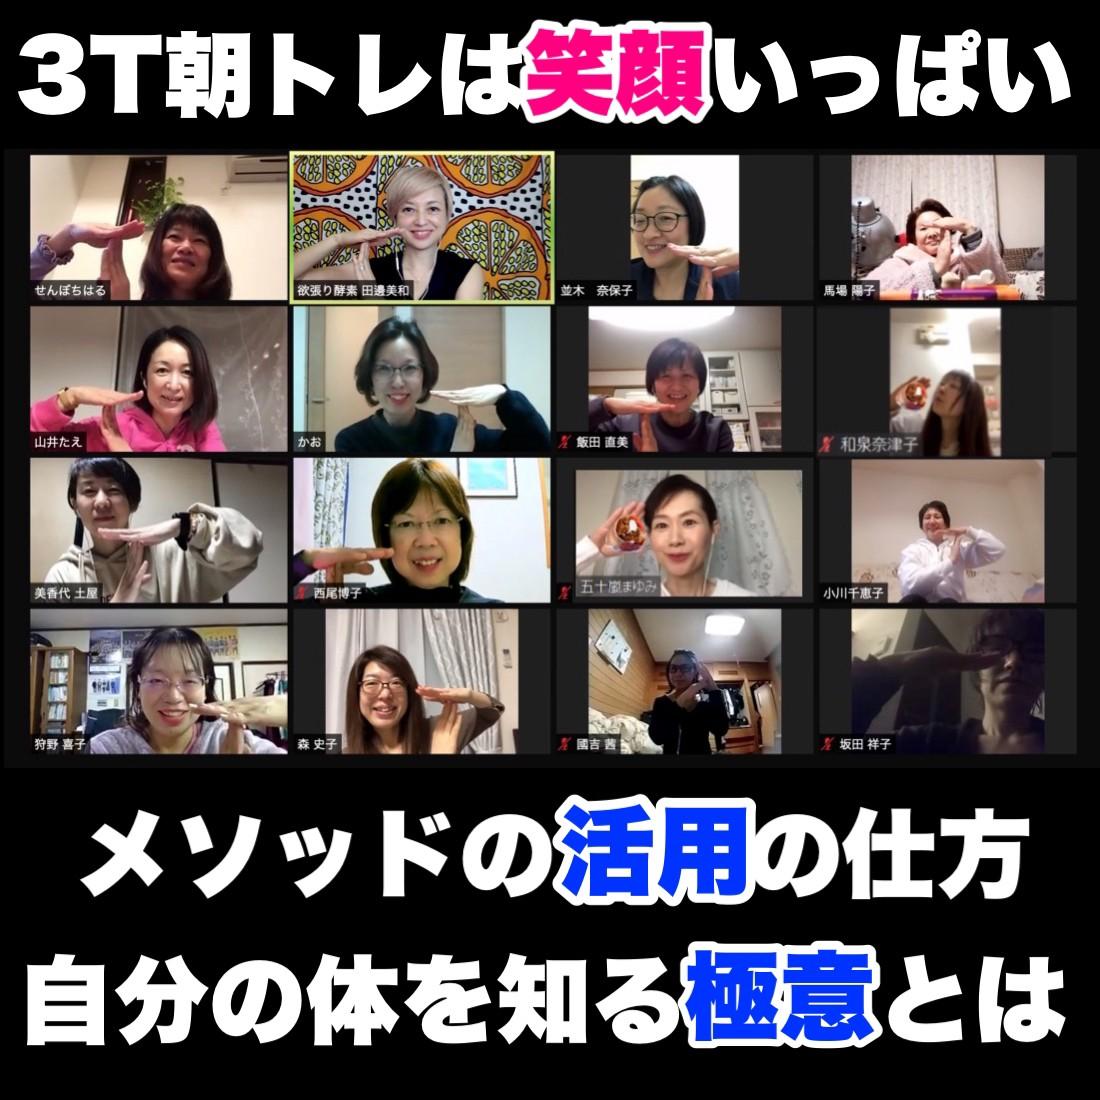 linecamera_shareimage 10.jpg